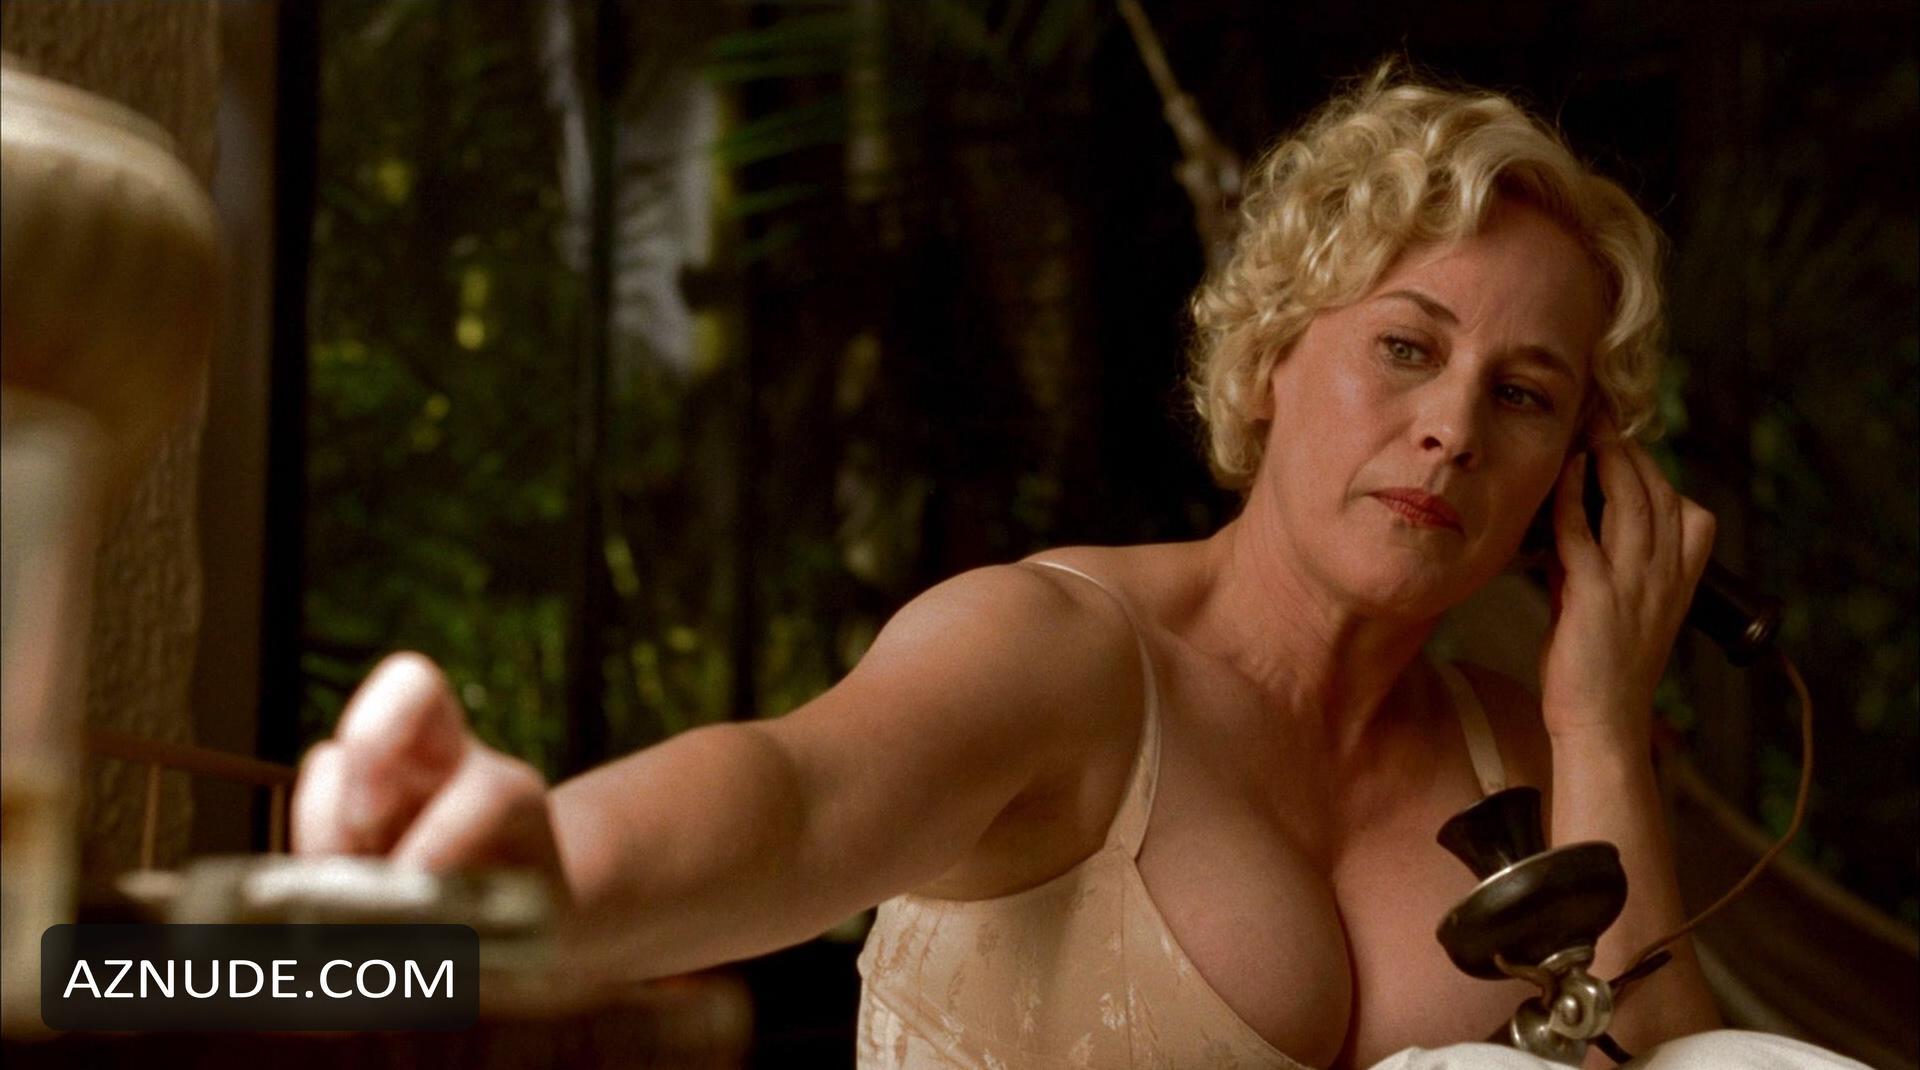 Patricia arquette sex scenes are